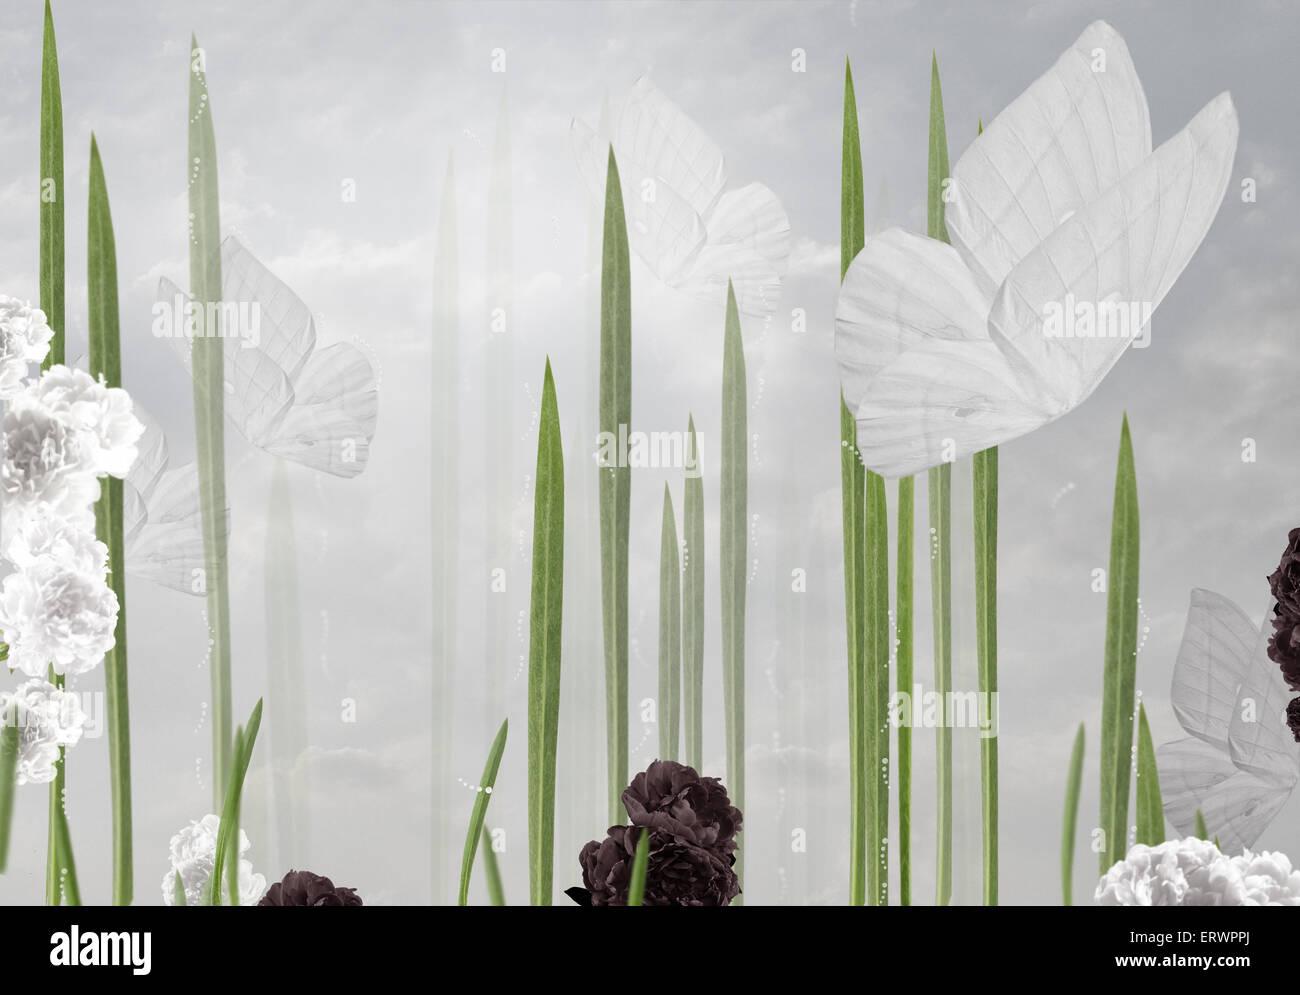 Abstrakte Blumen Hintergrund mit Schmetterlingen Stockbild